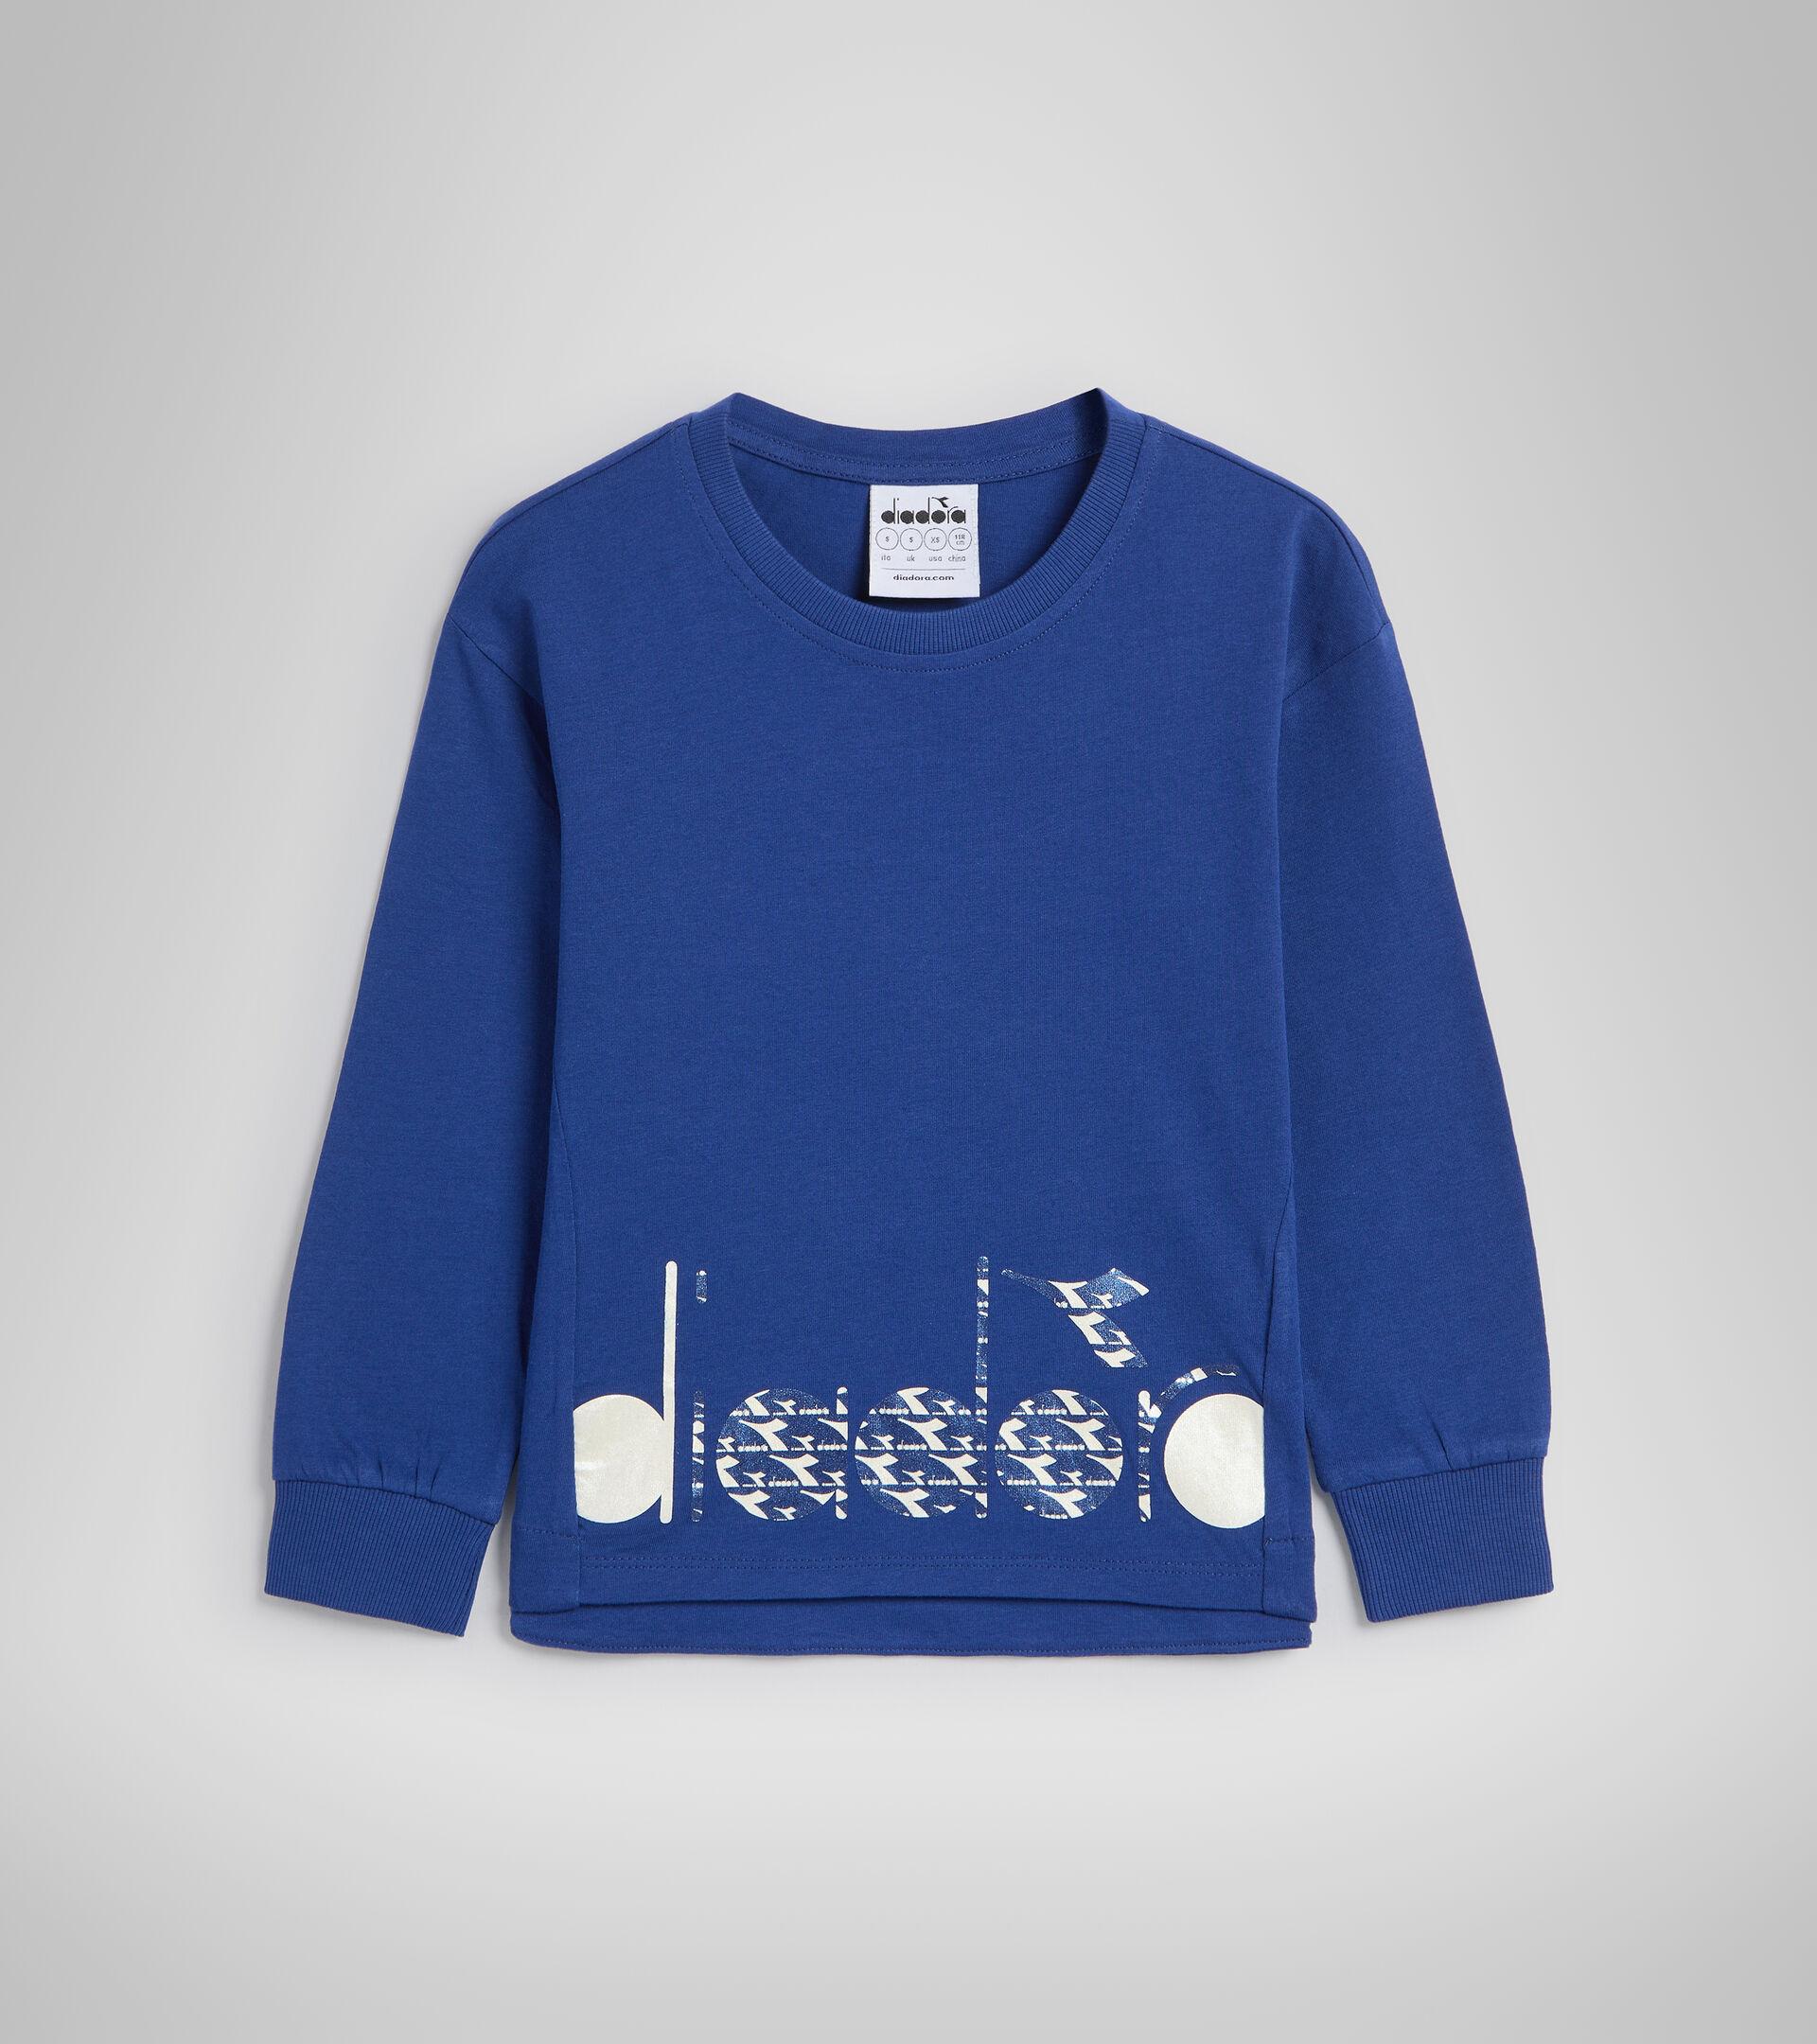 Long-sleeved T-shirt - Kids JG.T-SHIRT LS TWINKLE TWILIGHT BLUE - Diadora